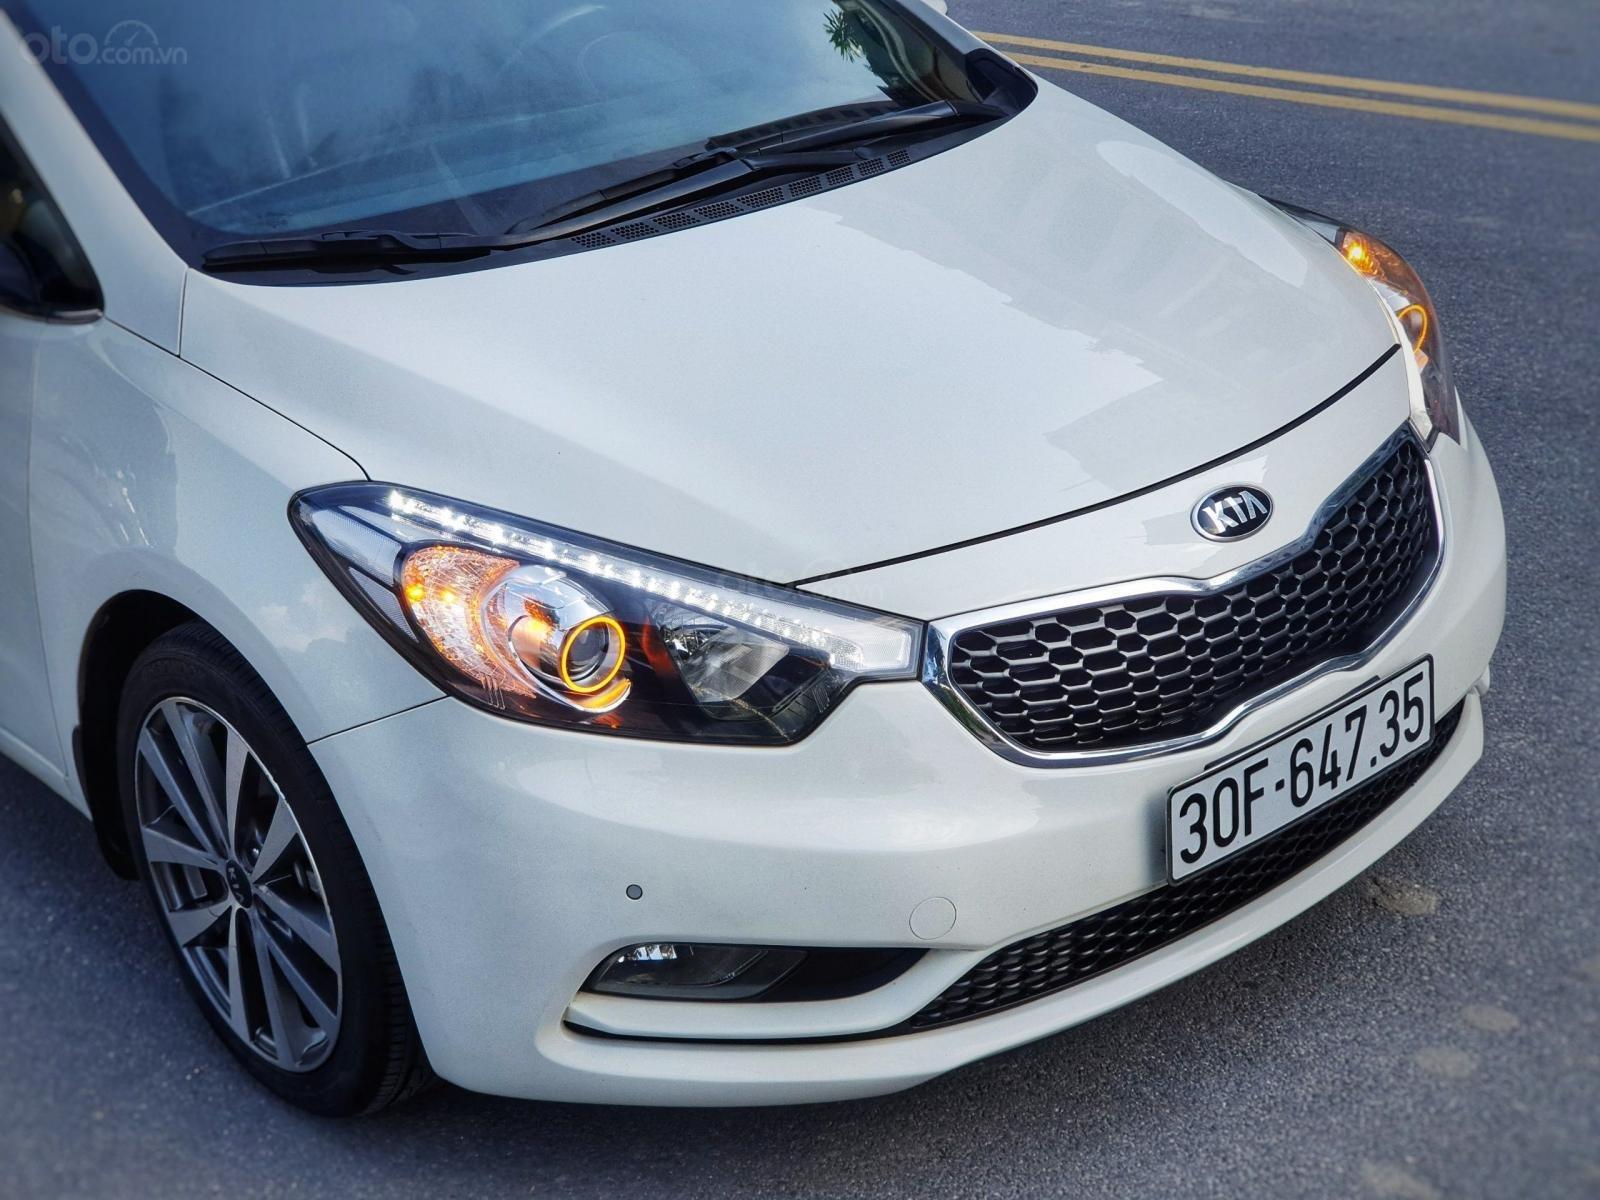 Cần bán lại xe Kia K3 2.0 2014, màu trắng, chất lượng đã được kiểm định (3)